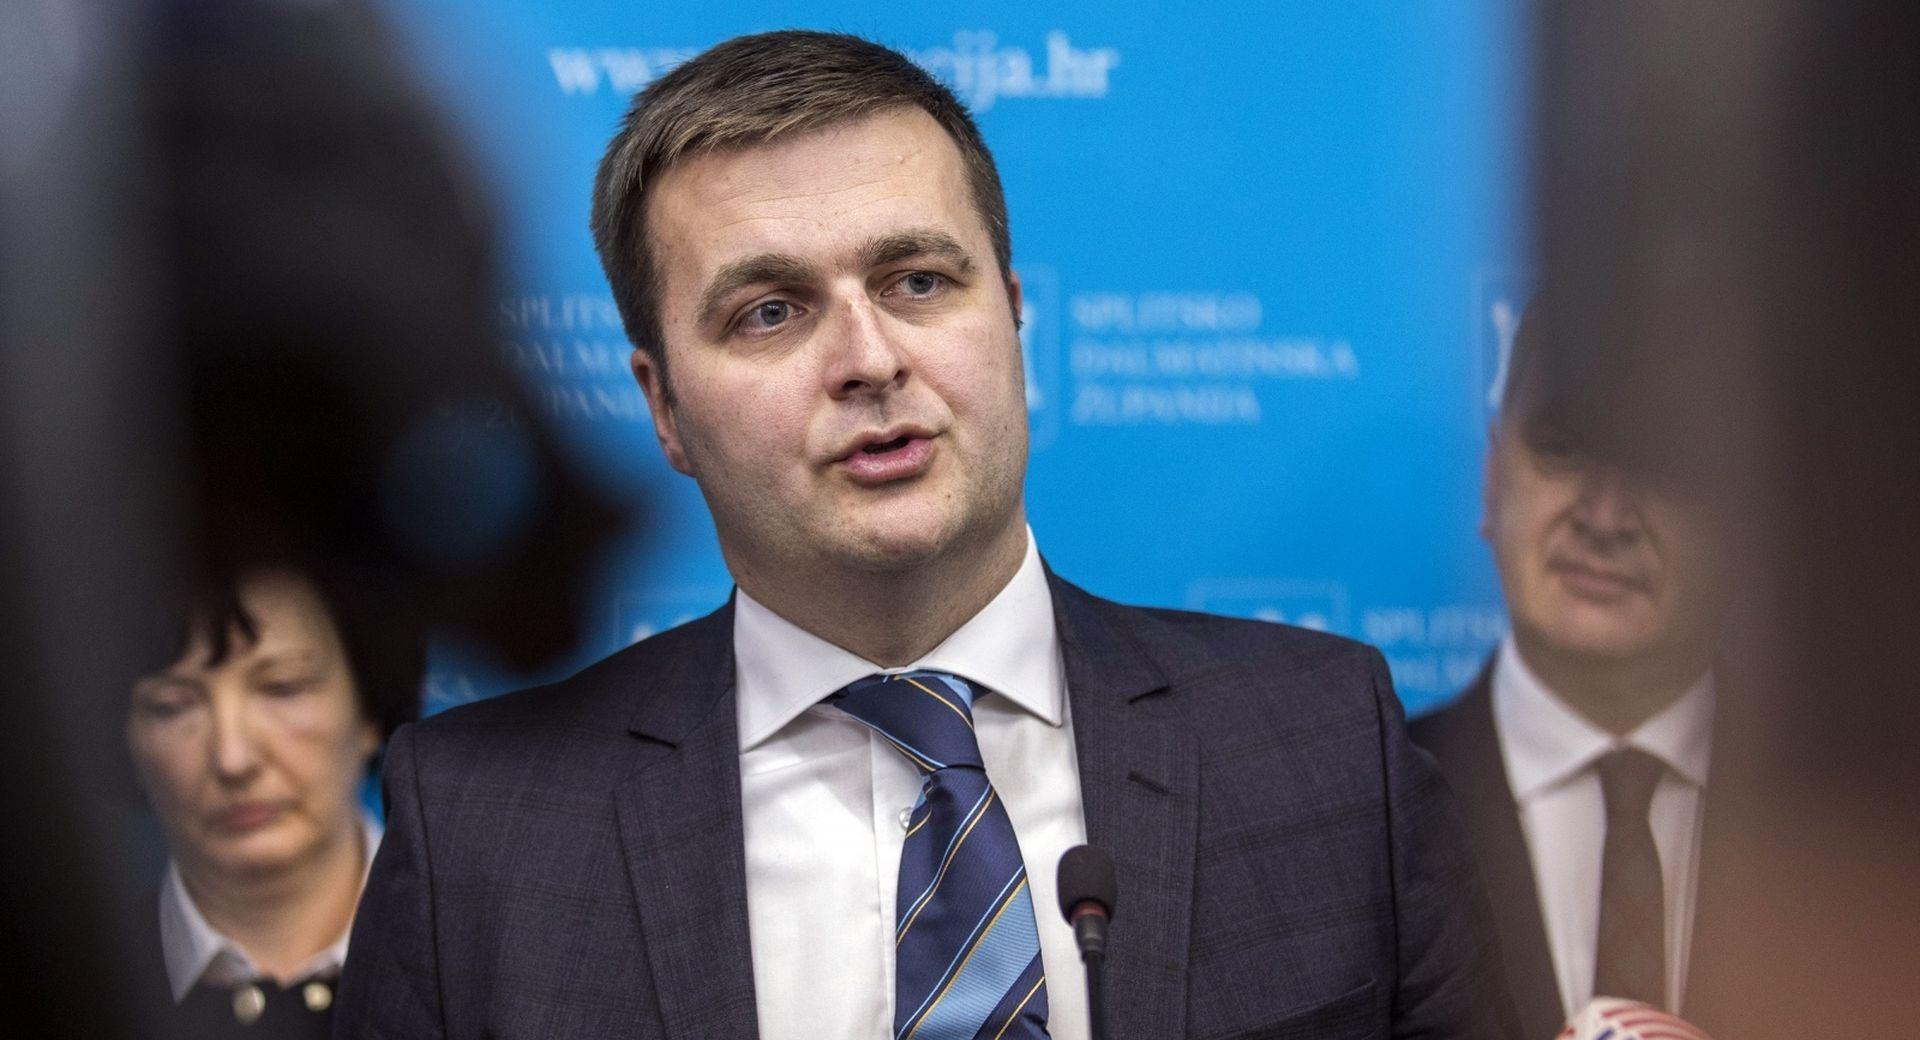 Za financiranje prve faze gradnje LNG terminala 234 milijuna eura